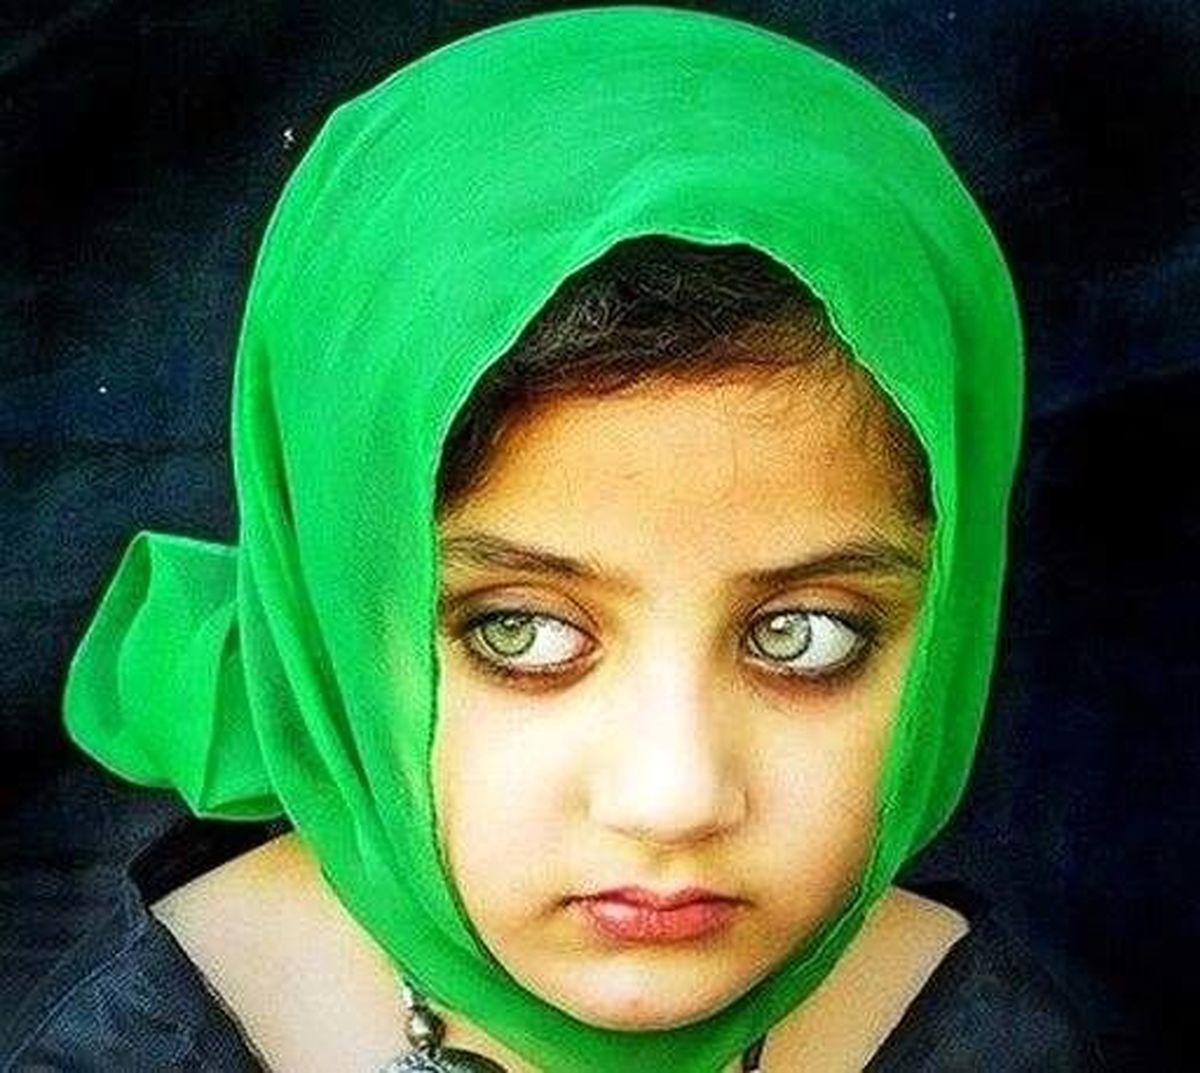 دختر بچهای که زیباترین چشمهای جهان را دارد / عکس